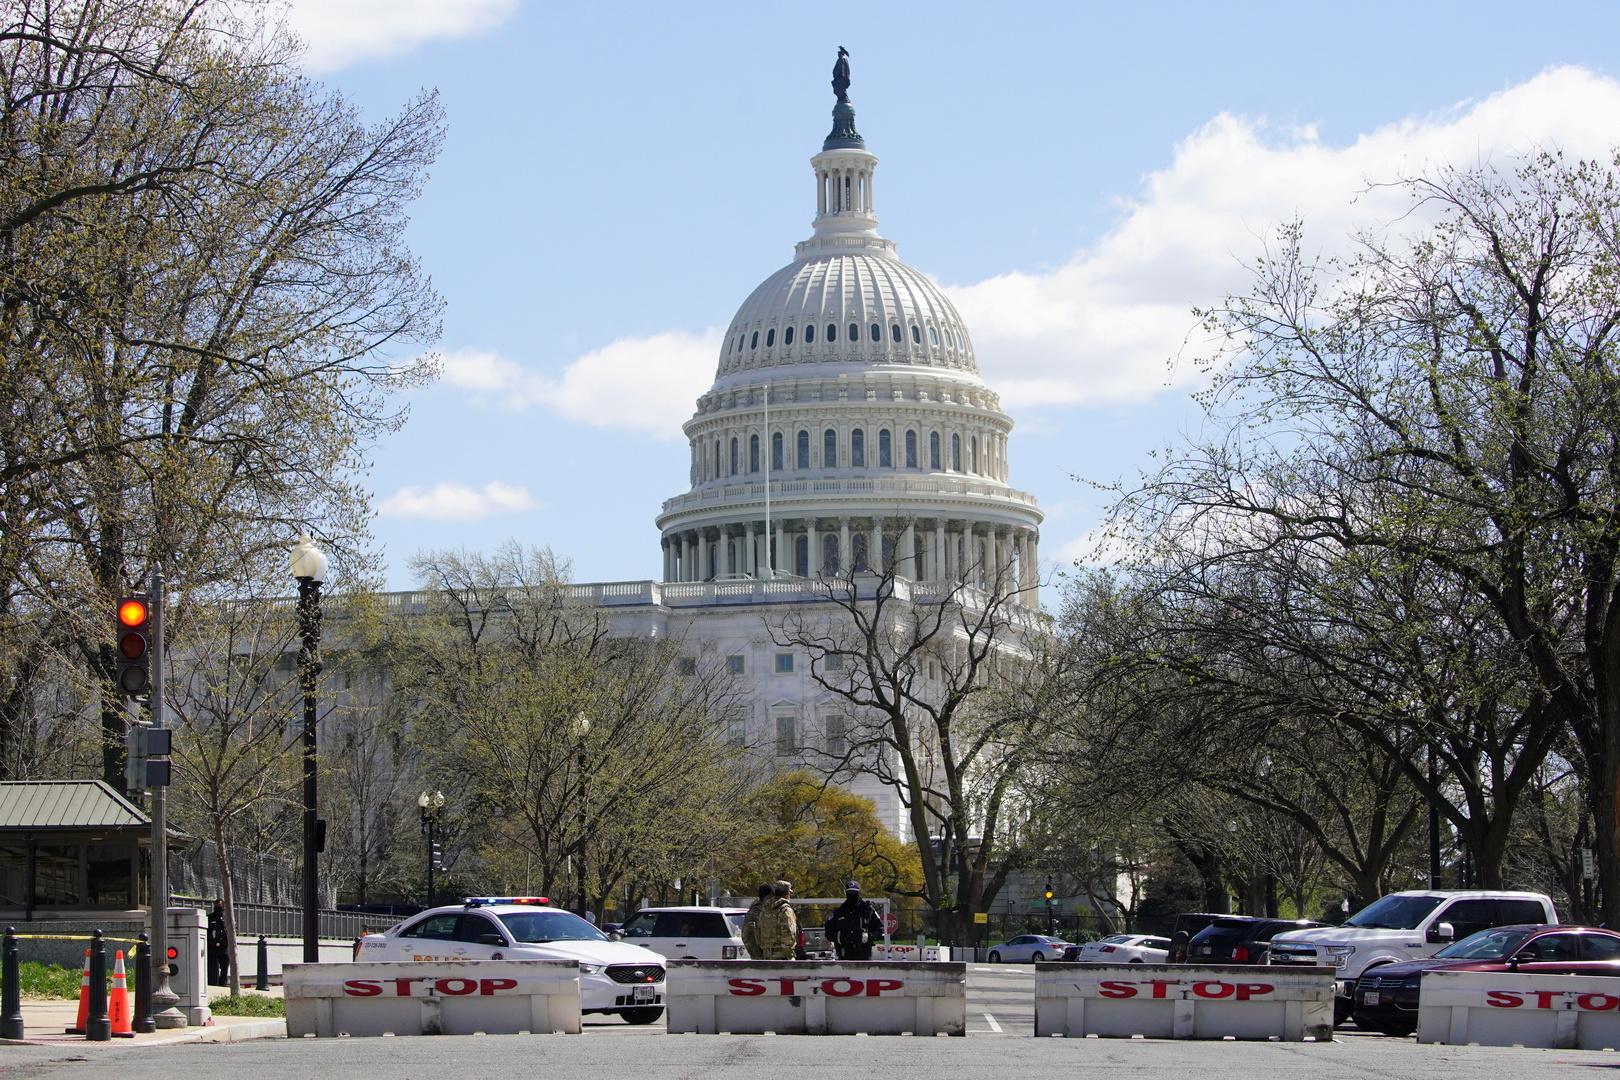 الكونغرس يصادق على تخصيص نحو ملياري دولار لحماية الكابيتول وللمتعاملين الأفغان